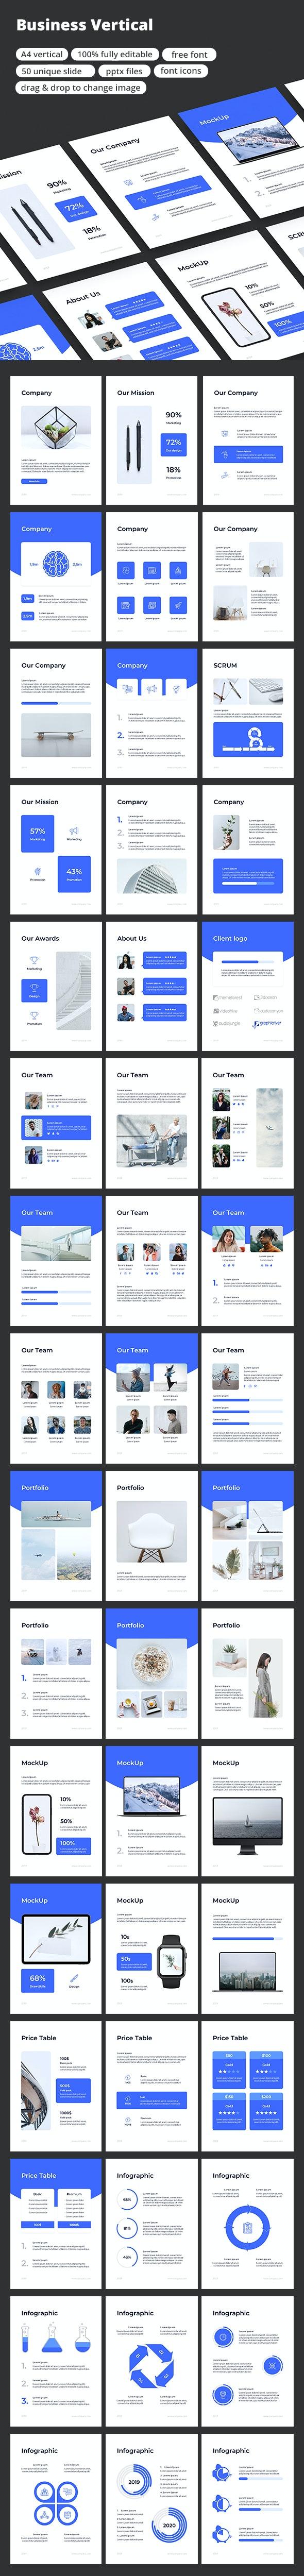 Business Vertical - Google Slide - Google Slides Presentation Templates